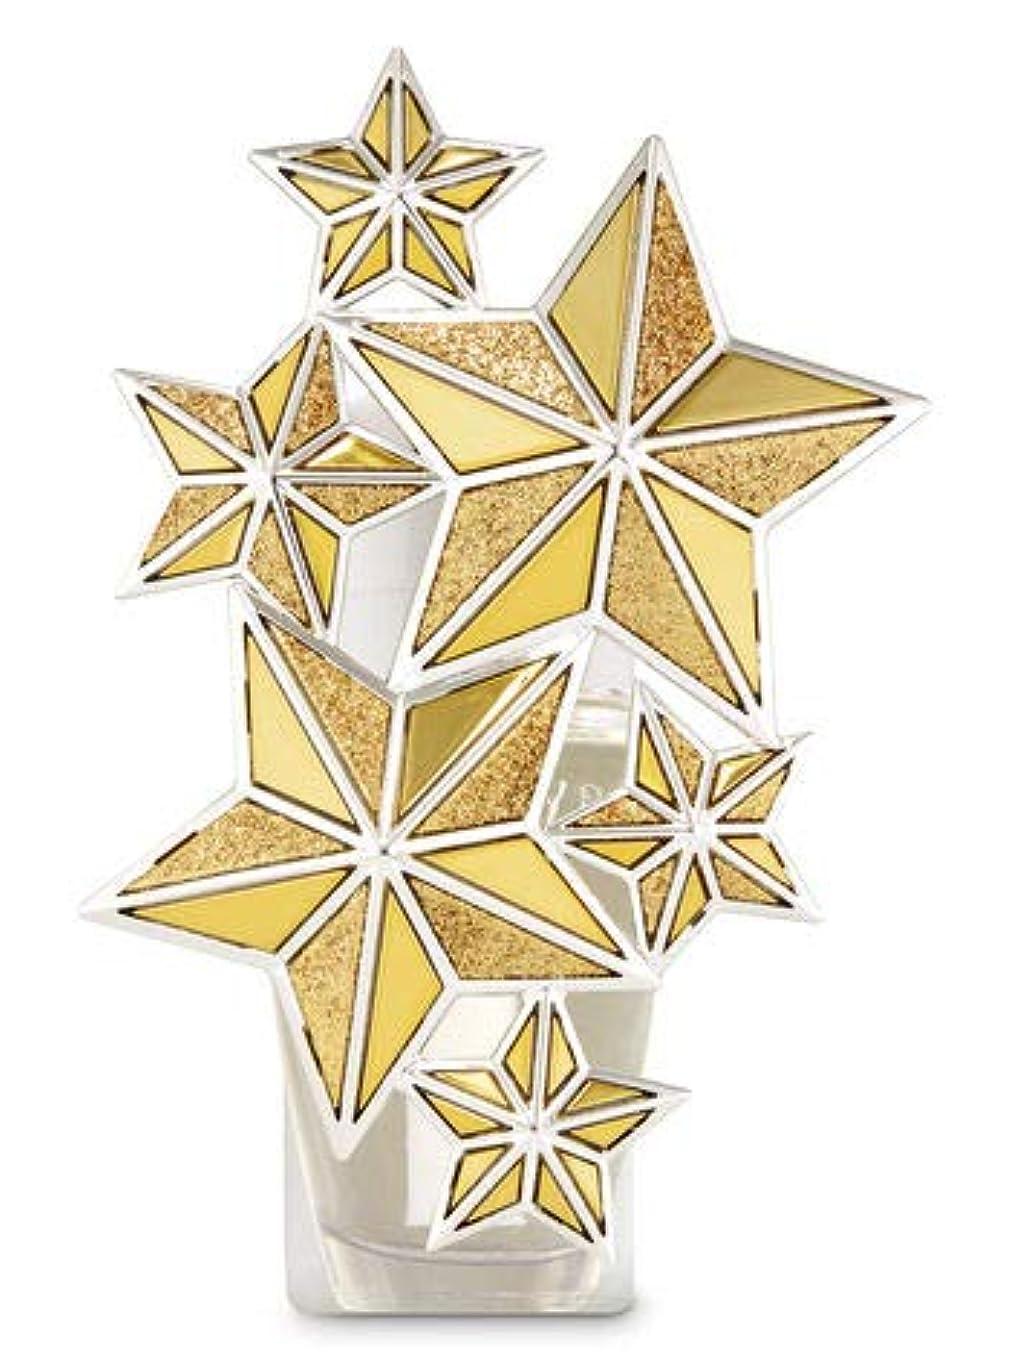 普通の締め切りうれしい【Bath&Body Works/バス&ボディワークス】 ルームフレグランス プラグインスターター (本体のみ) ゴールドスター ナイトライト Wallflowers Fragrance Plug Gold Star Night Light [並行輸入品]